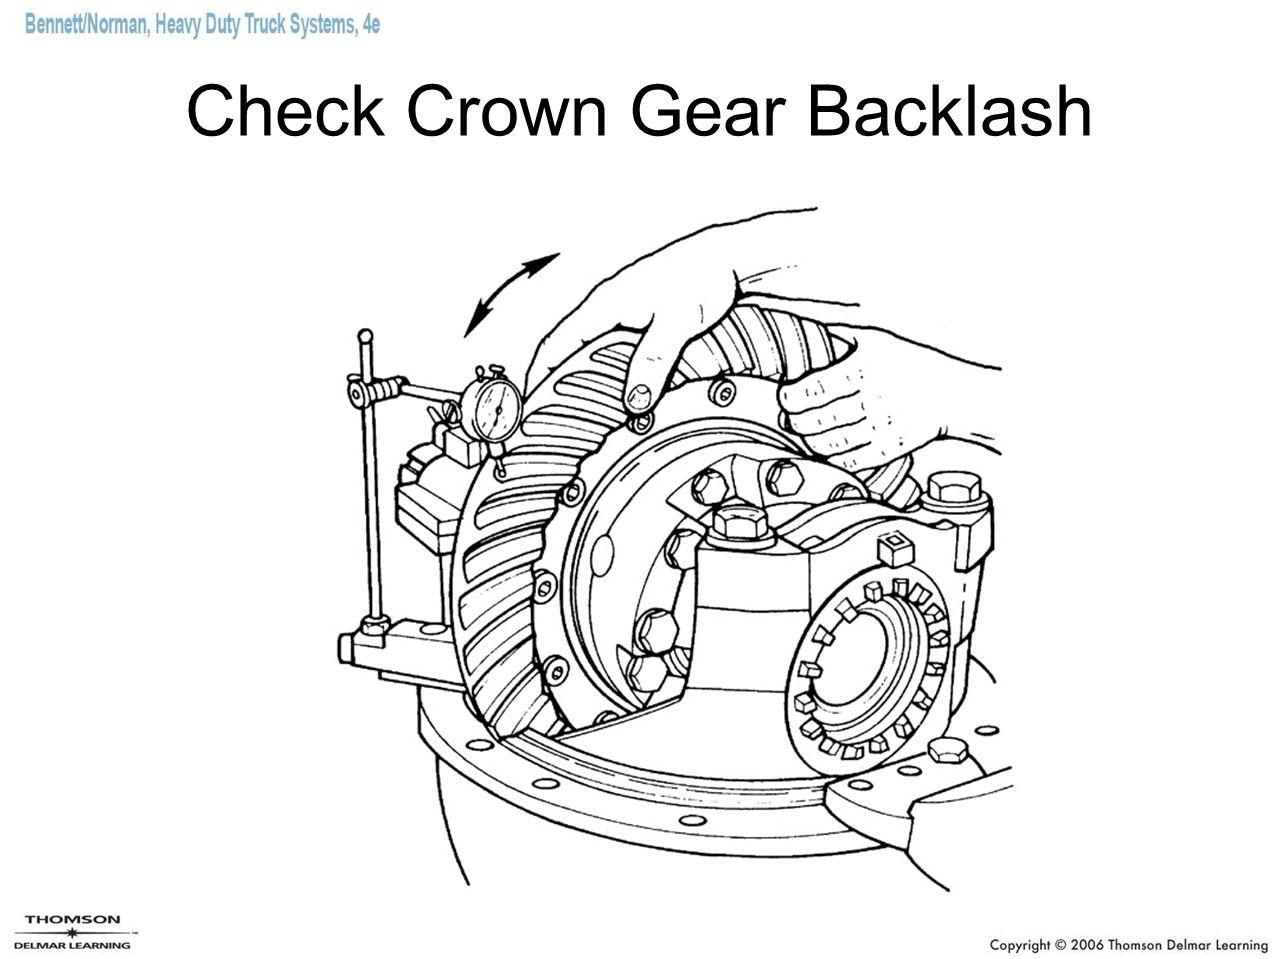 Check Crown Gear Backlash